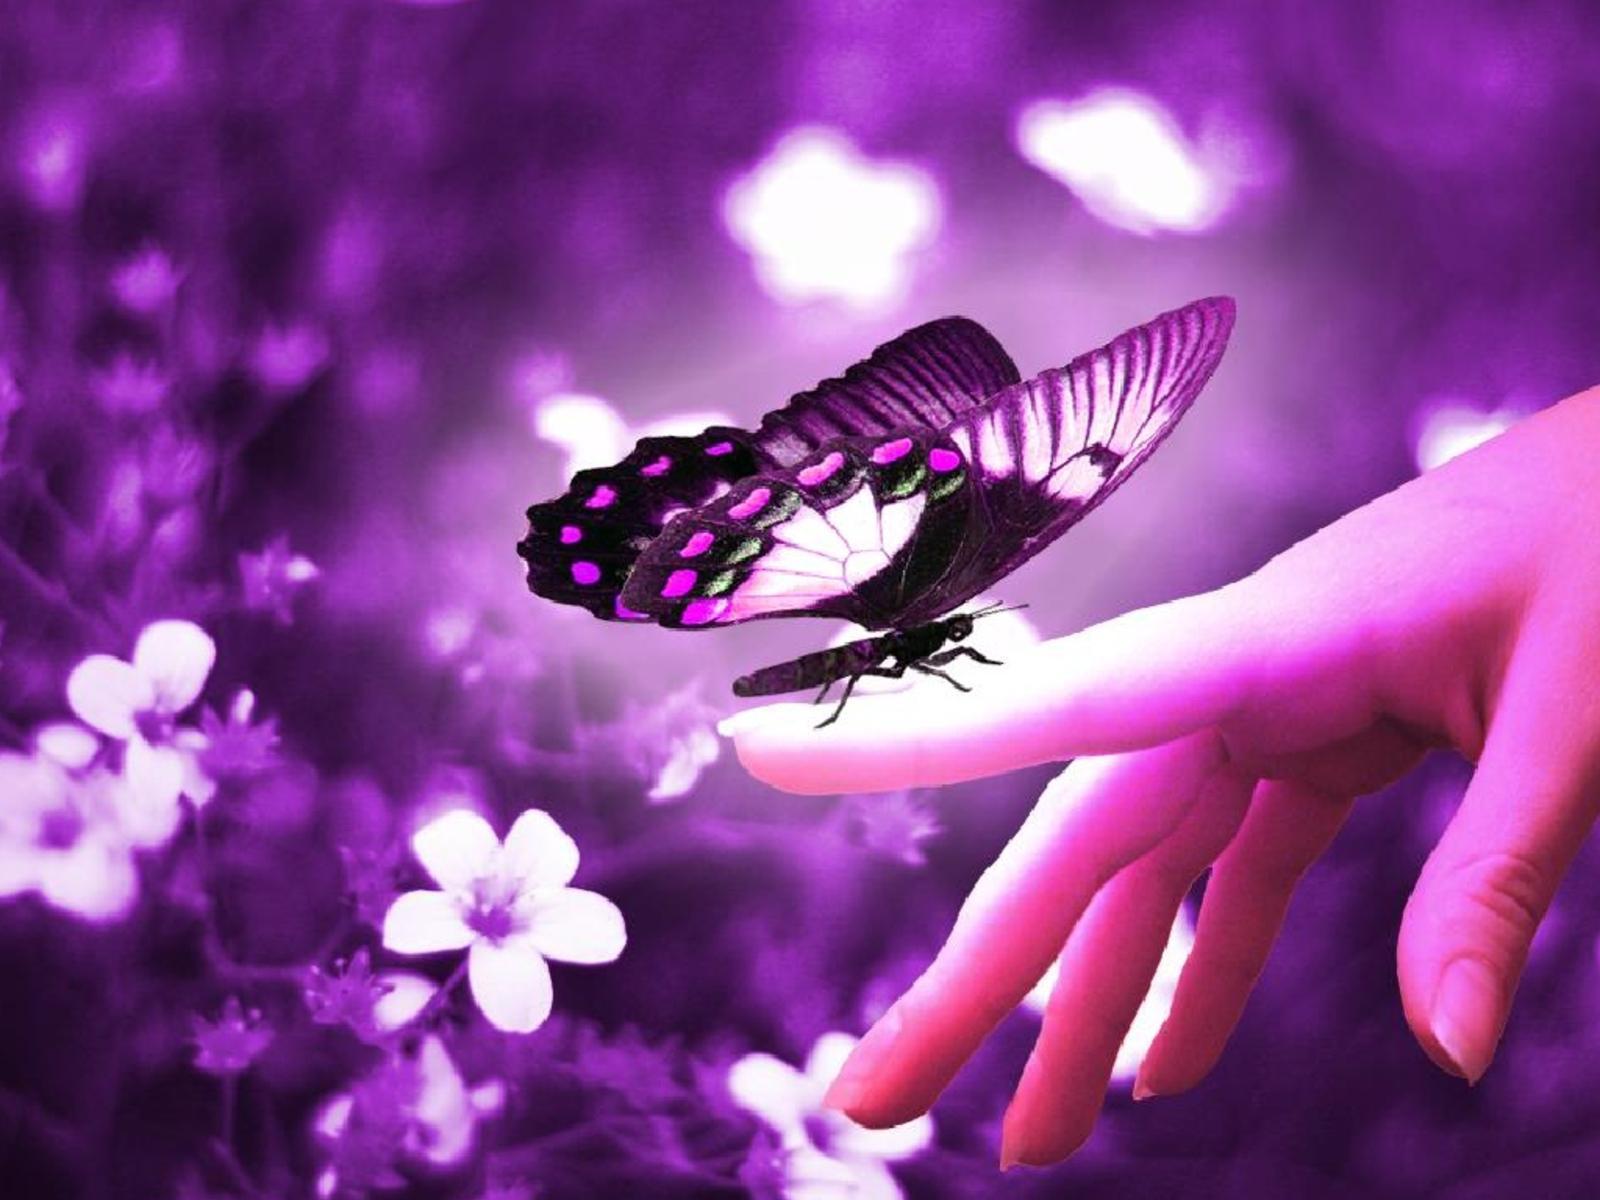 butterflies-hd-wallpapers-hd-wallpapers-inn.jpg